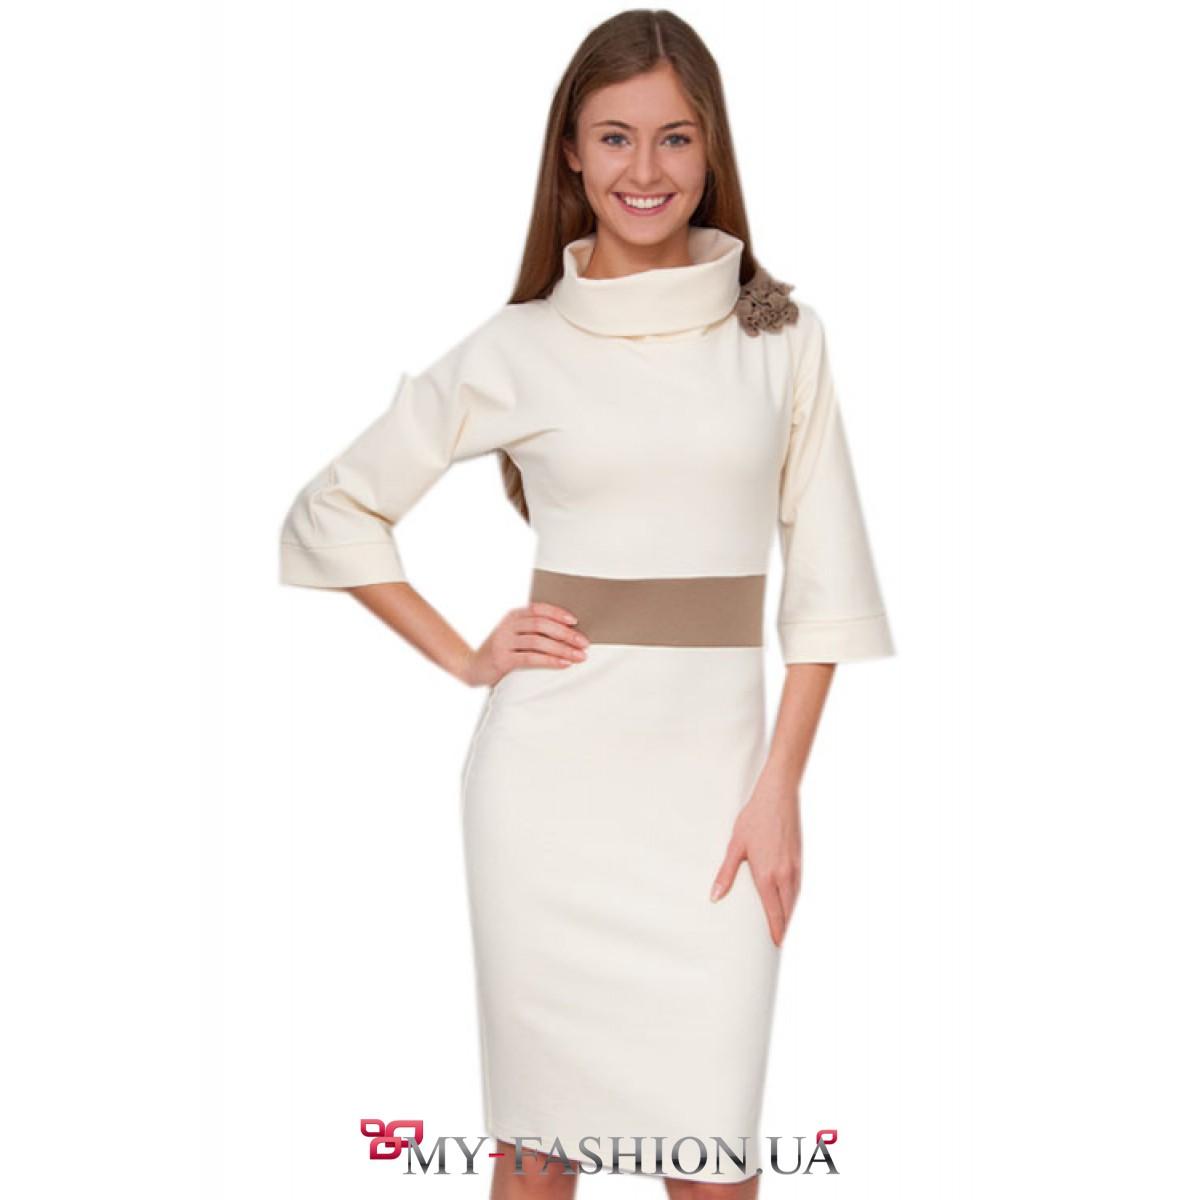 Платья с очень широкими рукавами